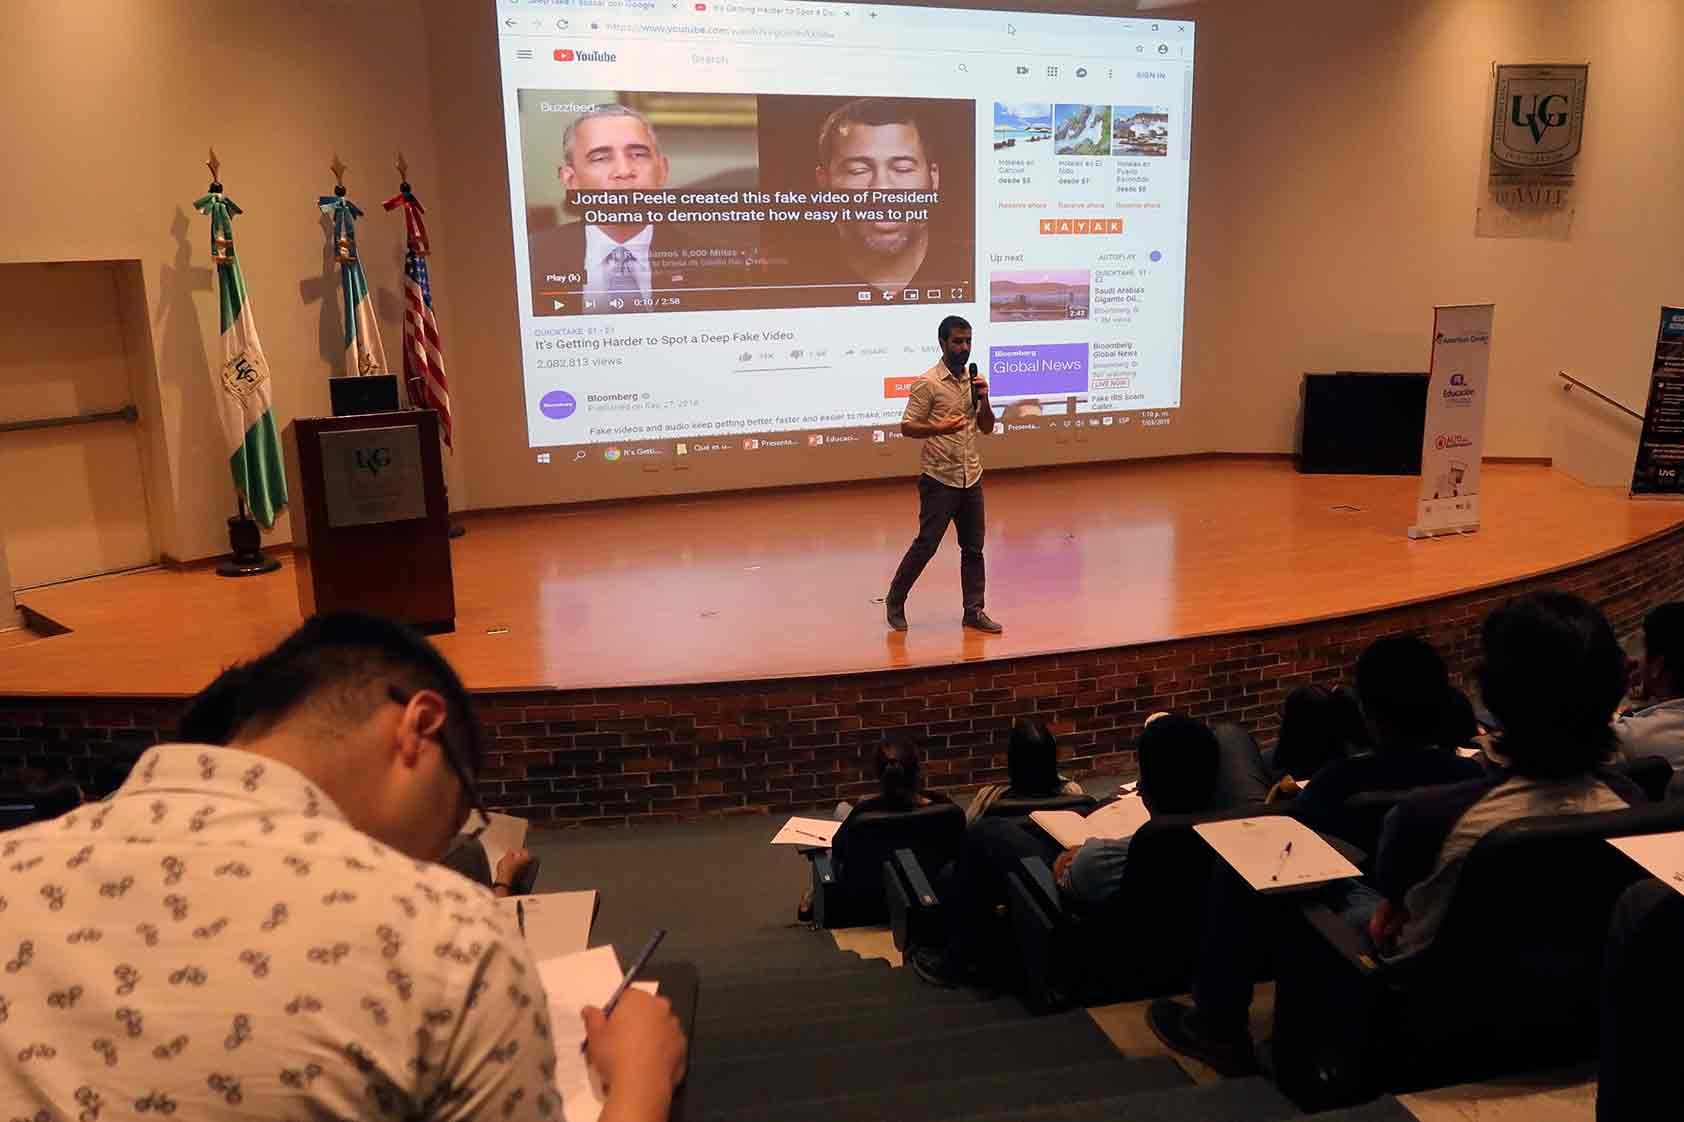 Alto a la desinformación: educación mediática en el año electoral